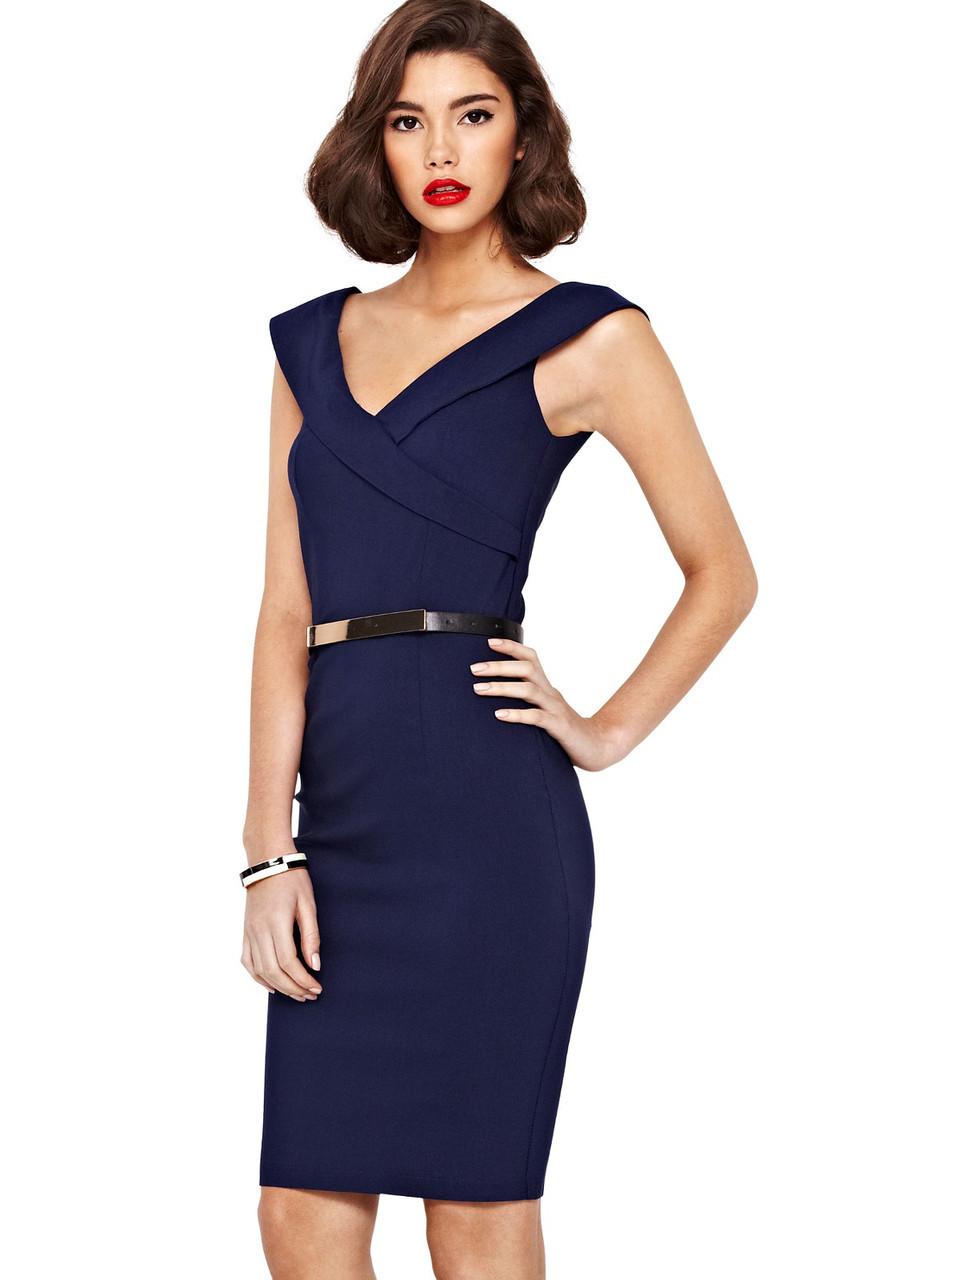 Элегантное платье от производителя Lusien